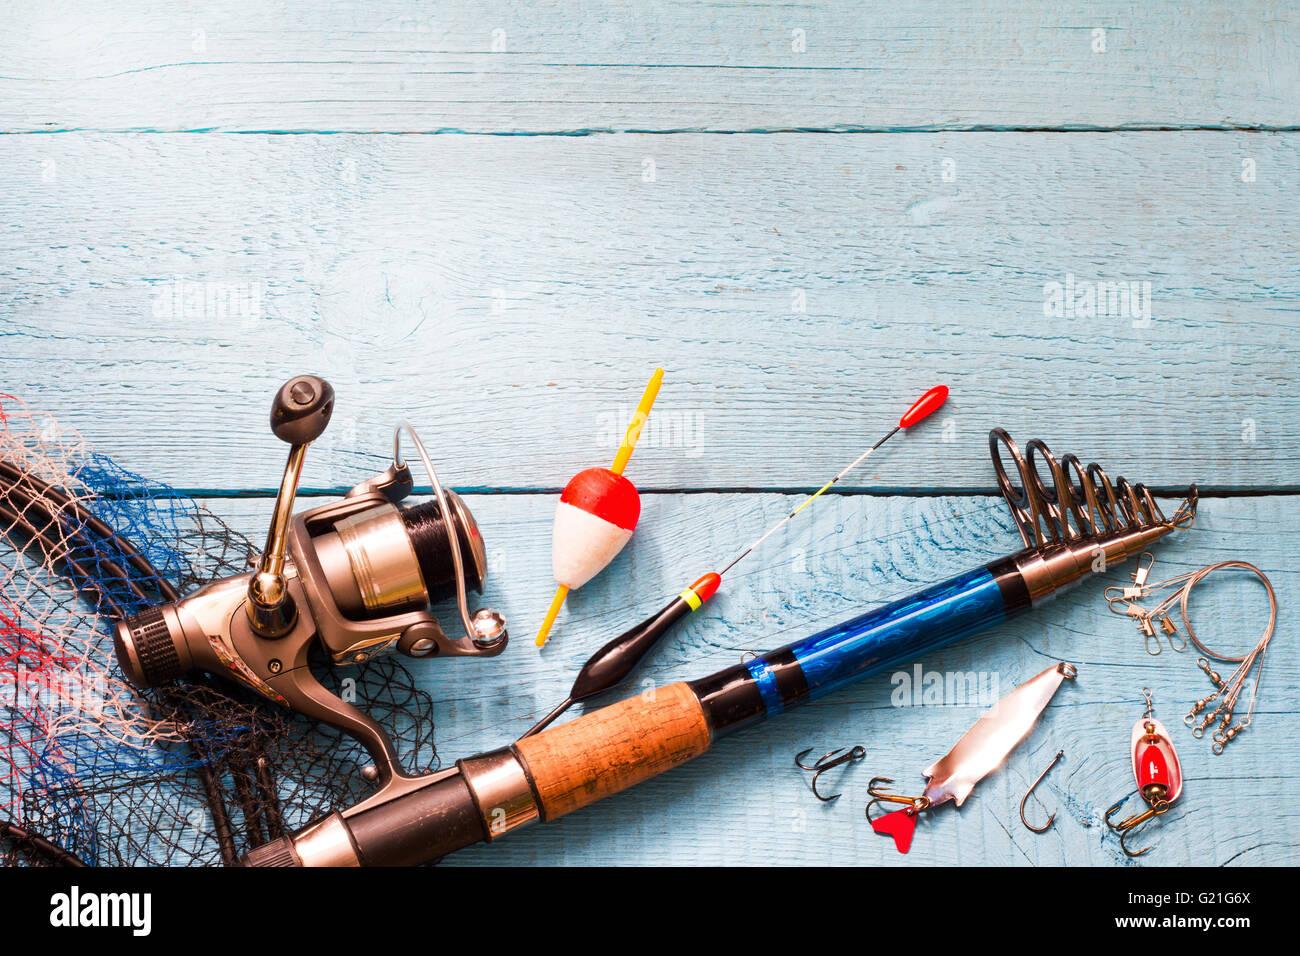 Attirail de pêche sur fond bleu en bois libre Photo Stock